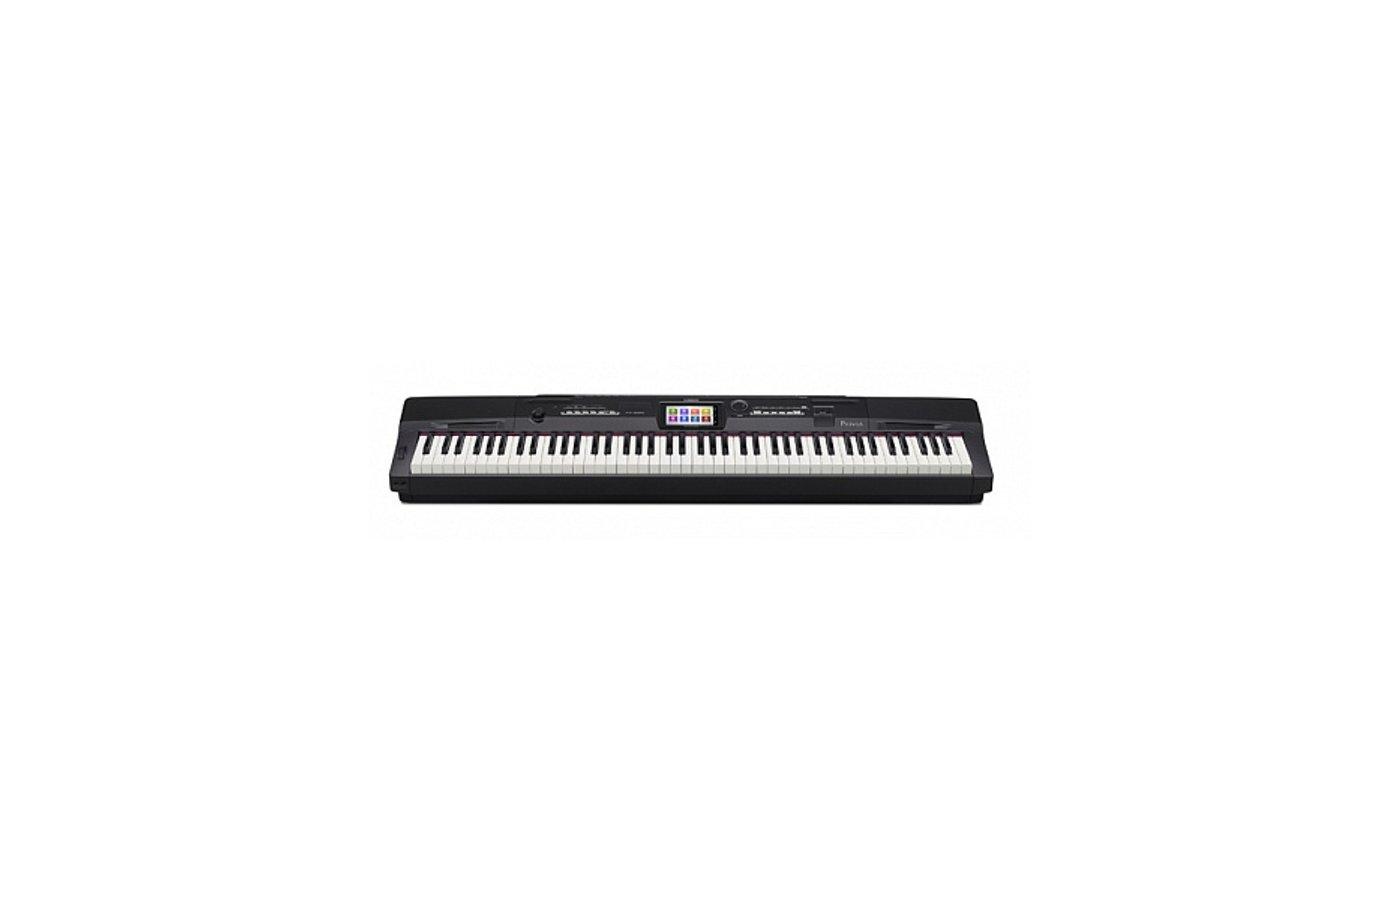 Музыкальный инструмент CASIO Privia PX-360MBK